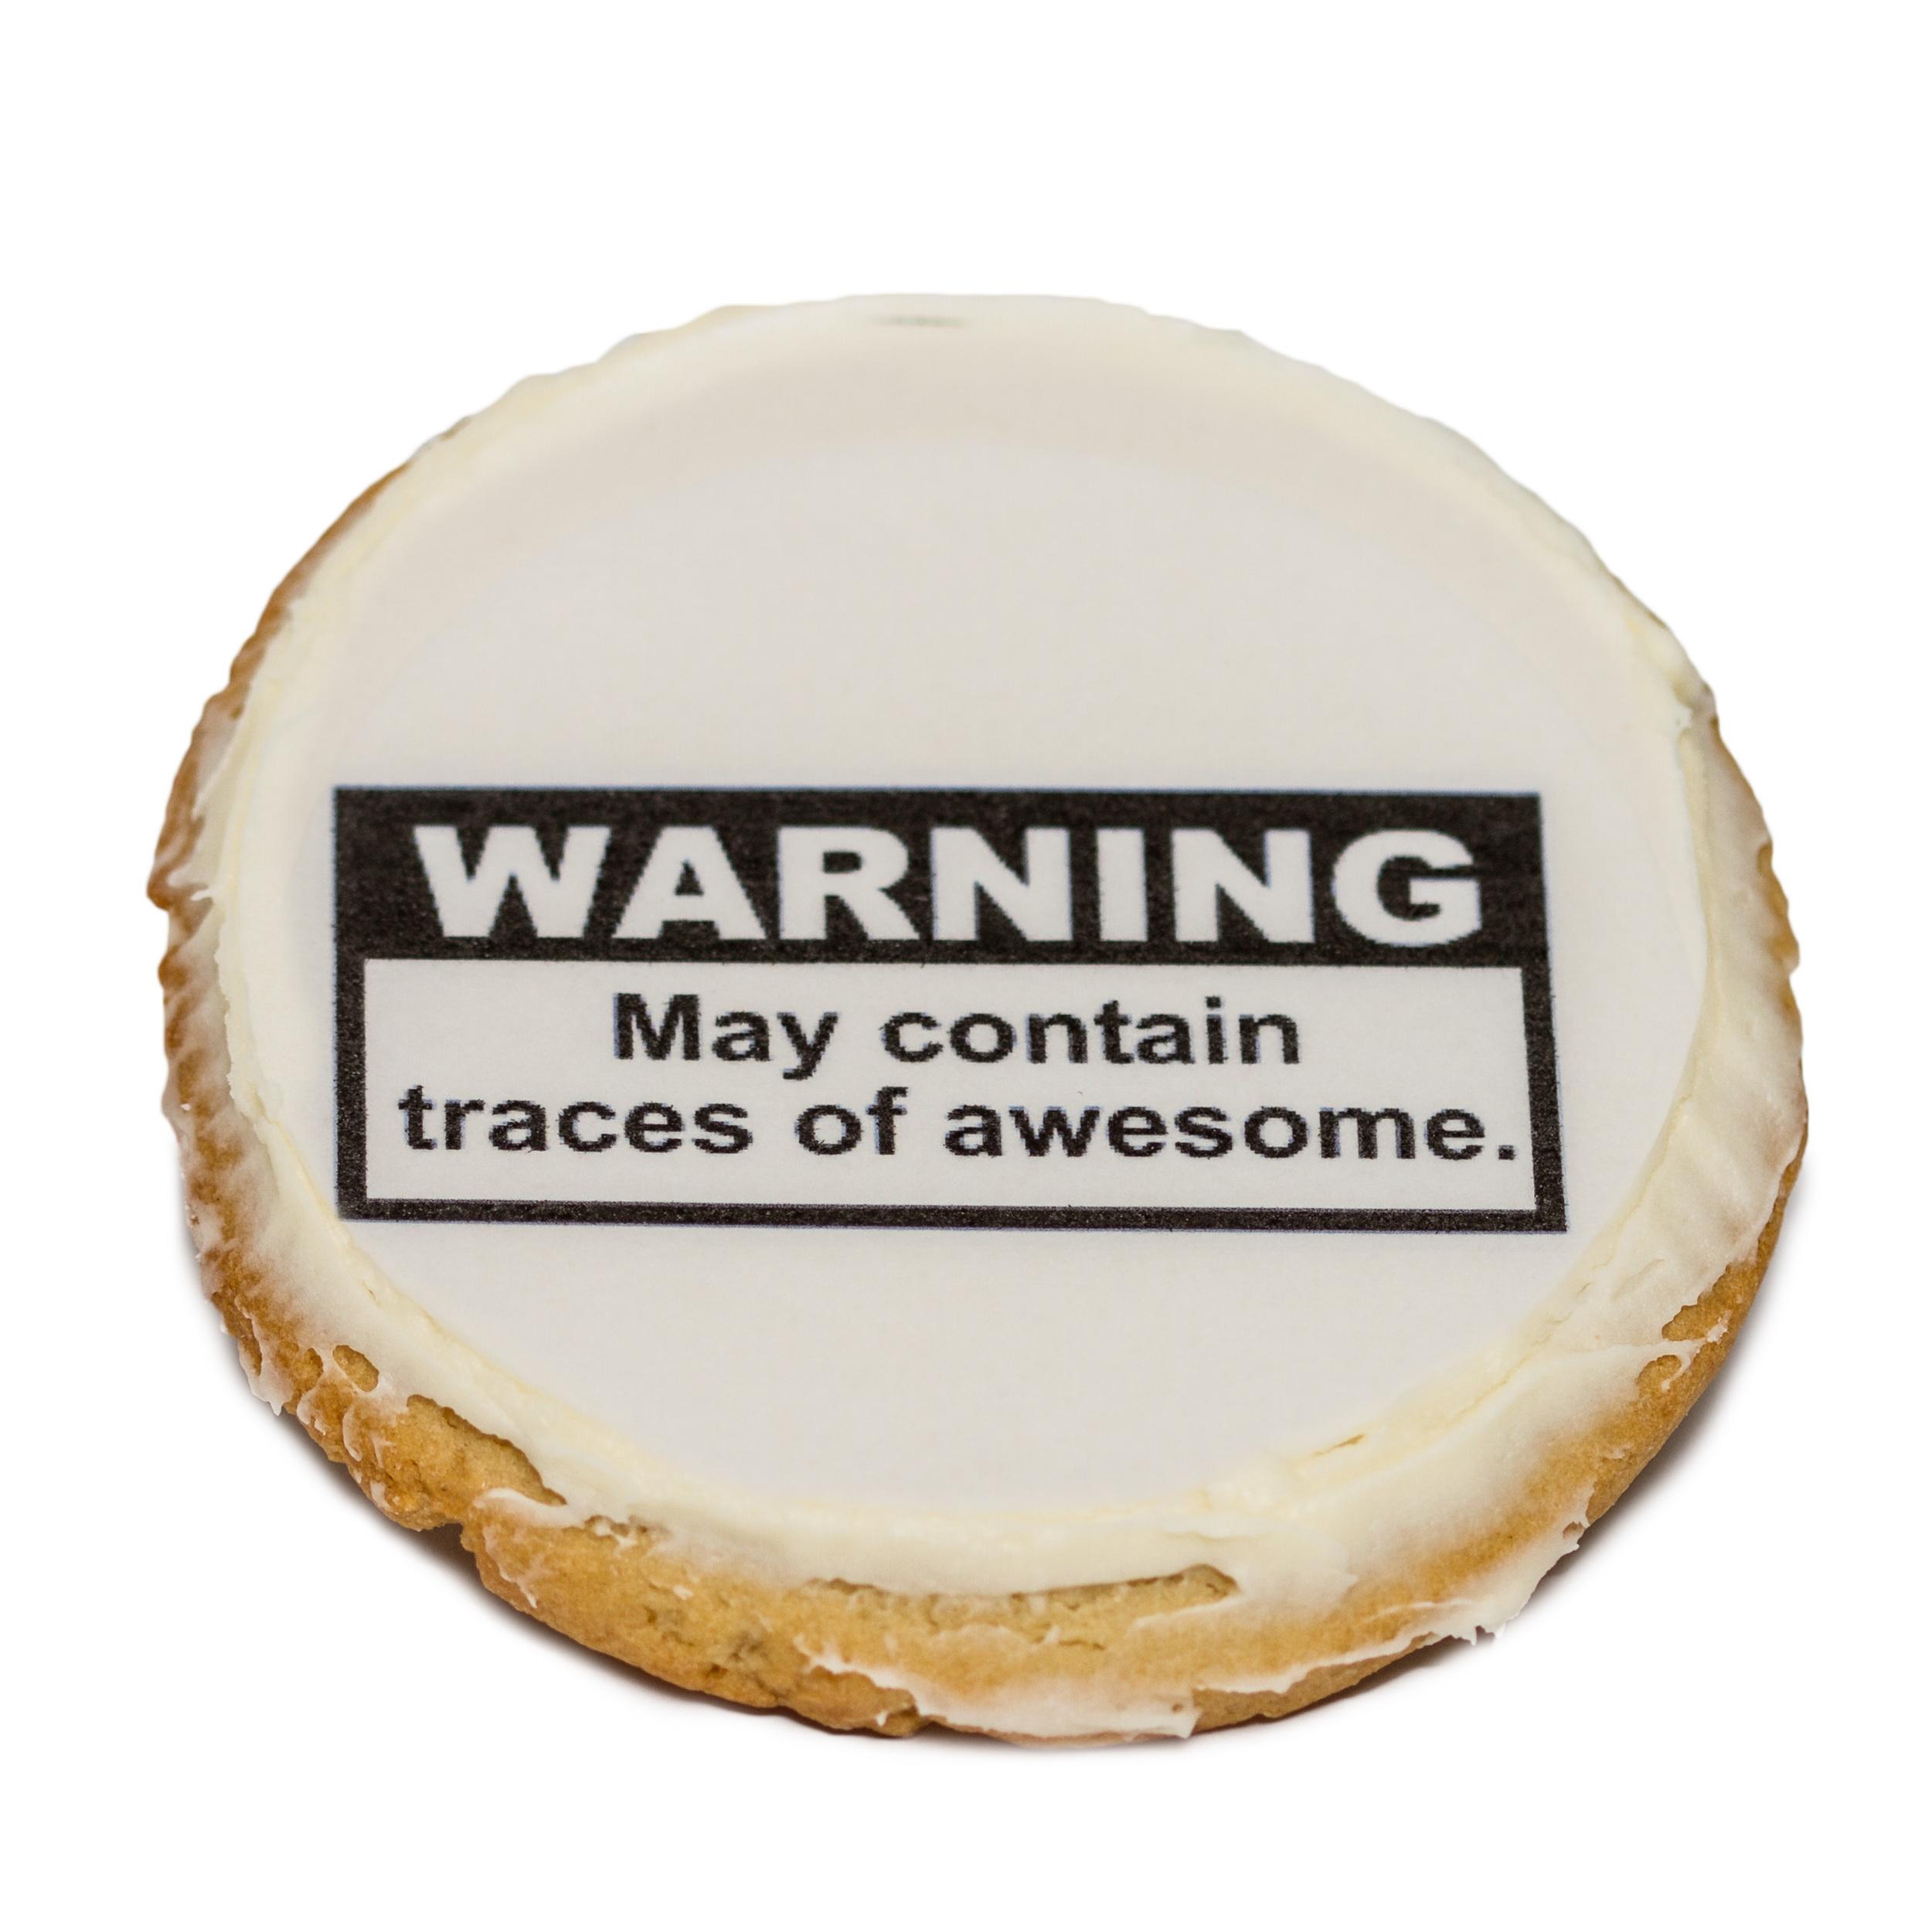 C.W.A. - Warning